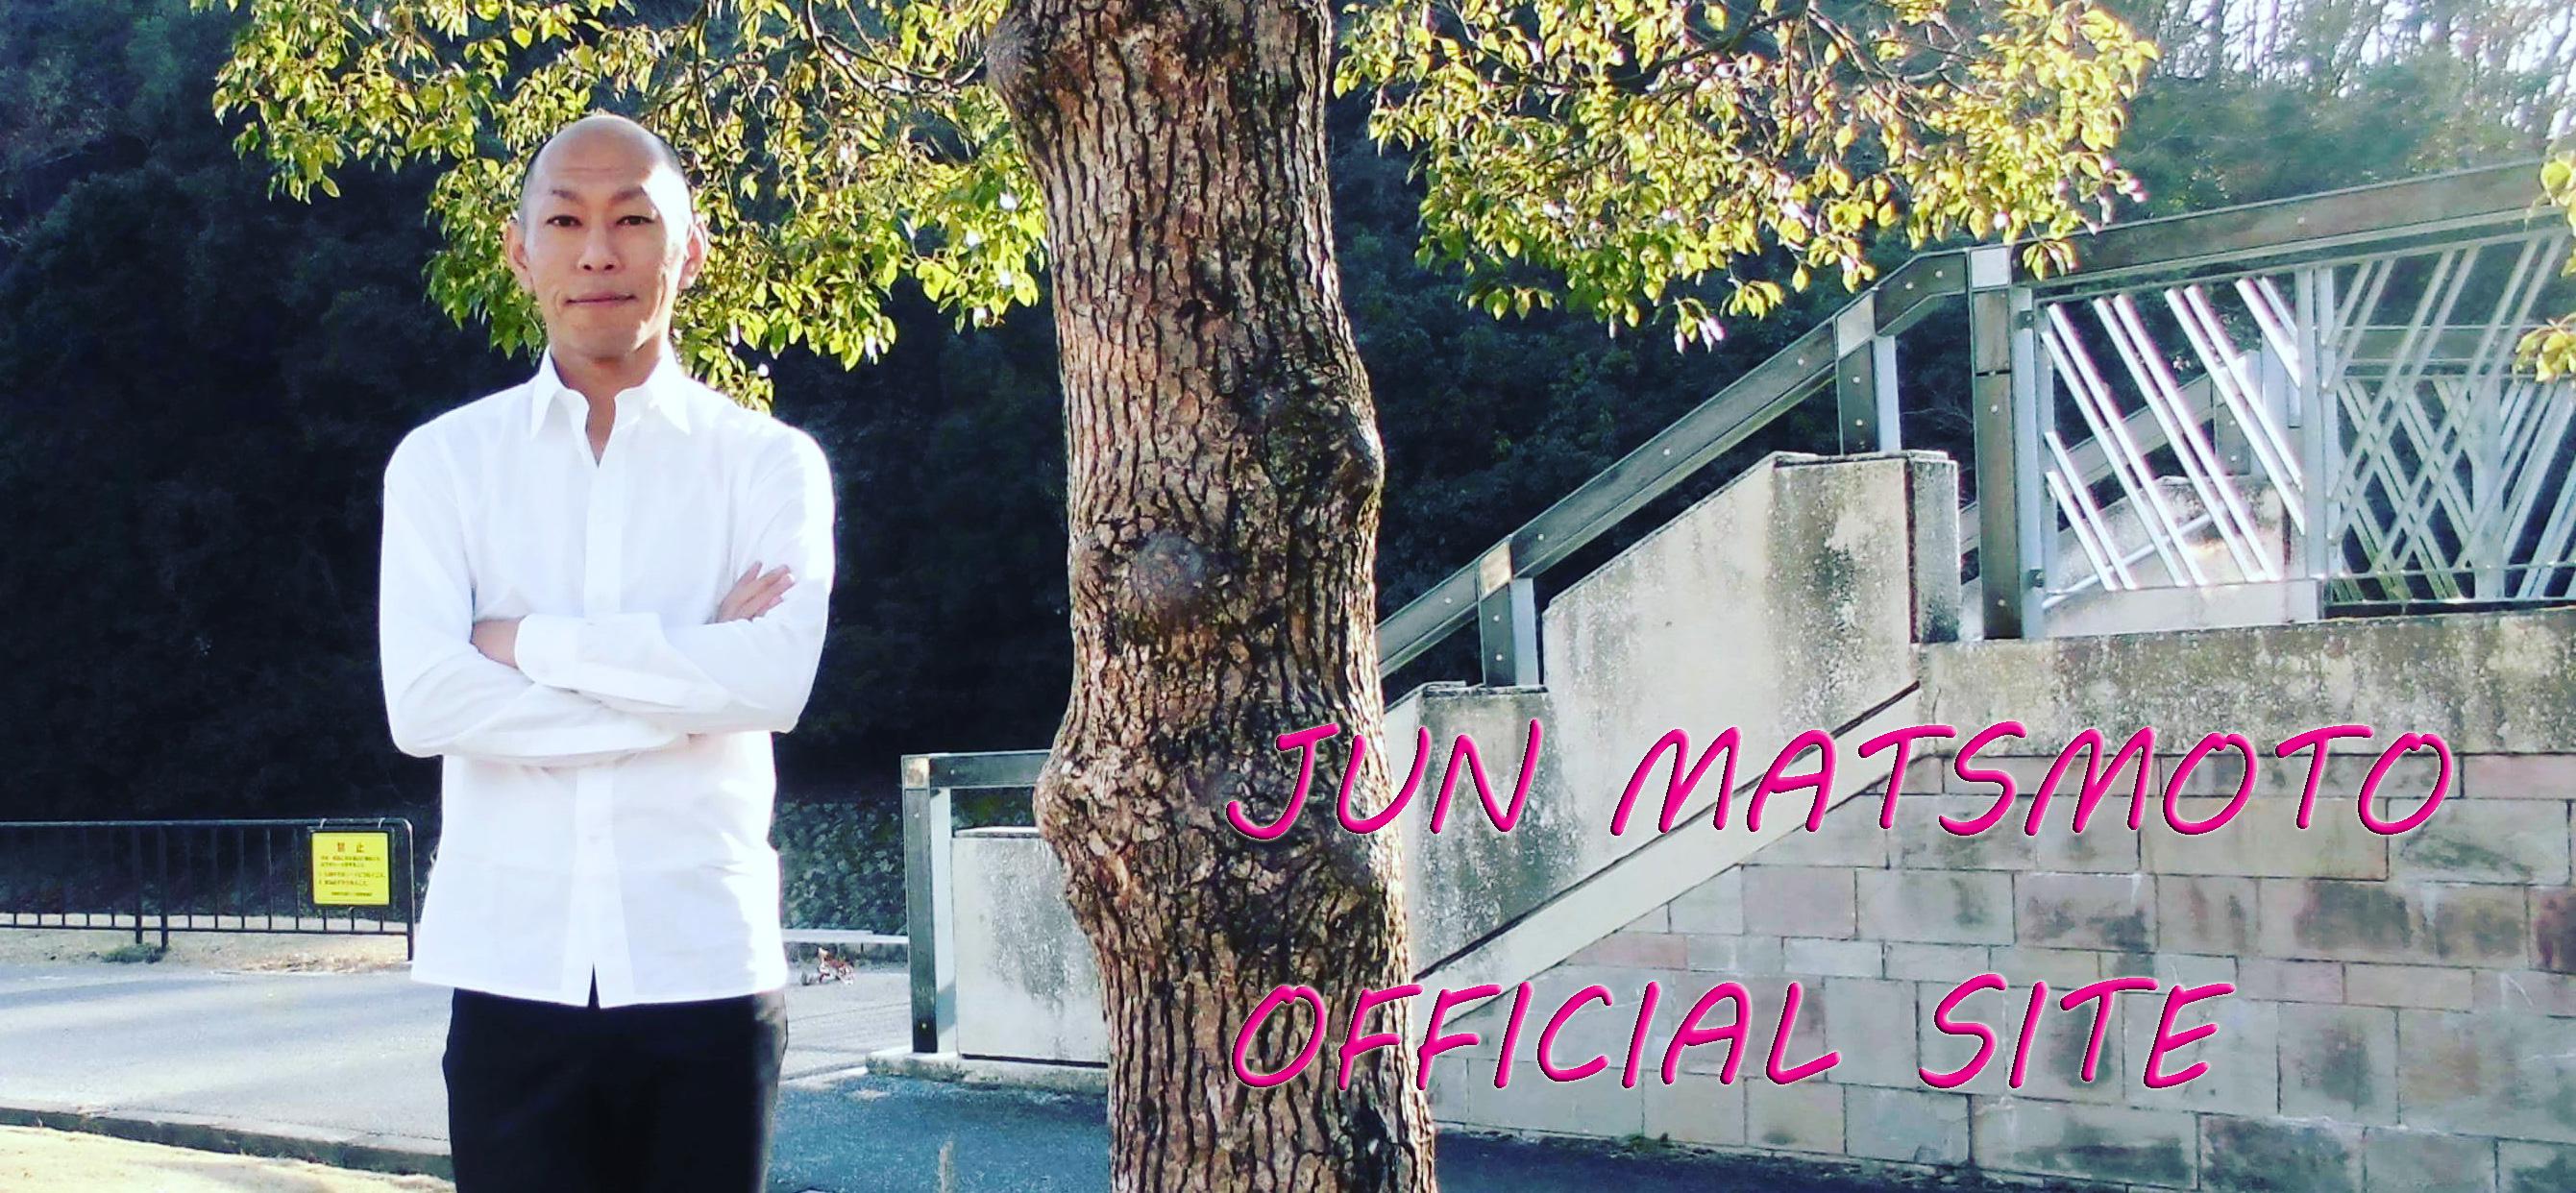 松本淳 オフィシャルサイト Jun Matsumoto Official Site